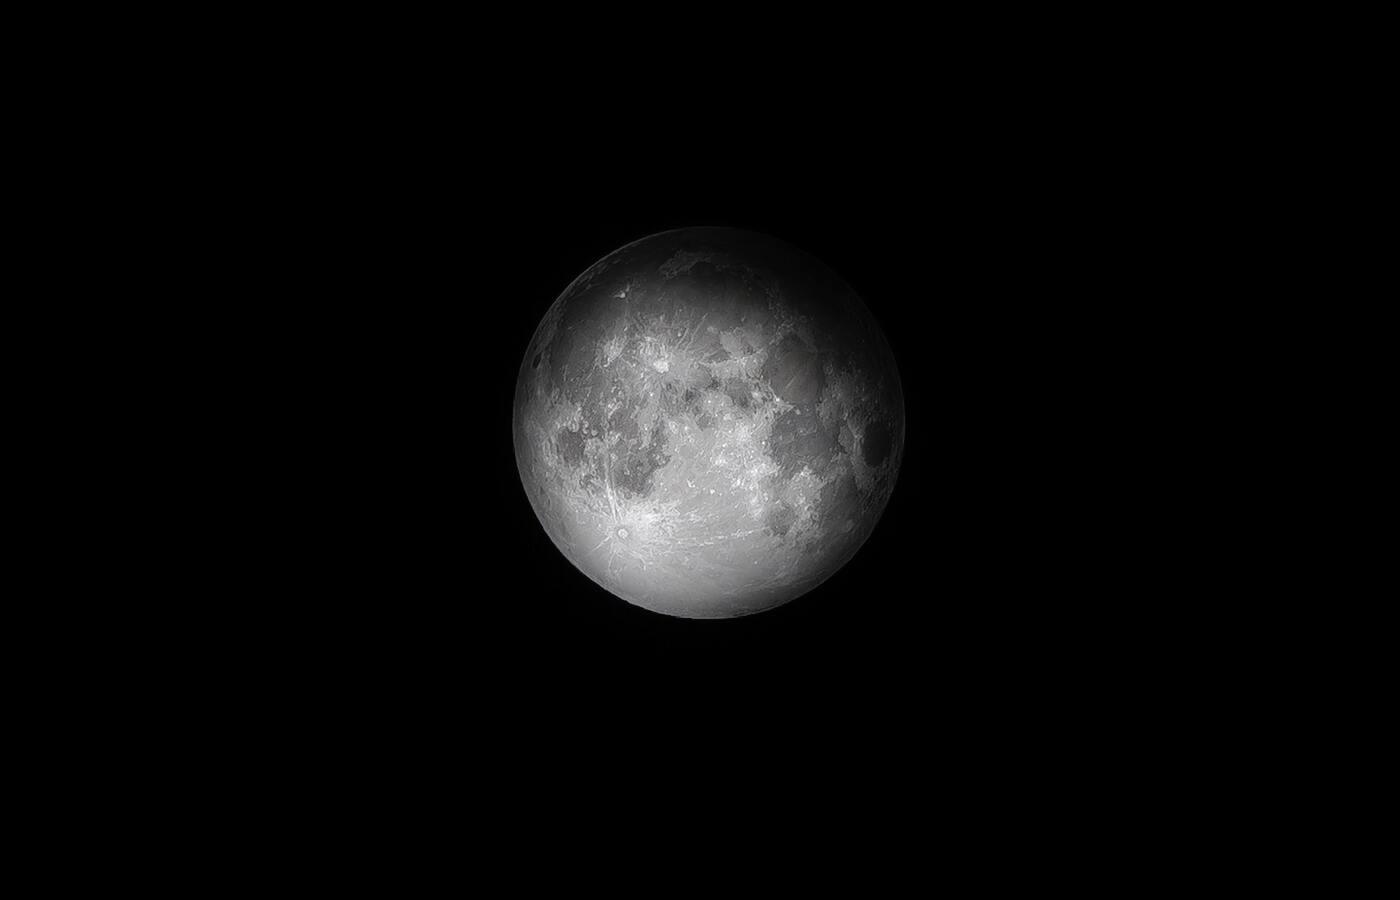 full-moon-8k-h6.jpg